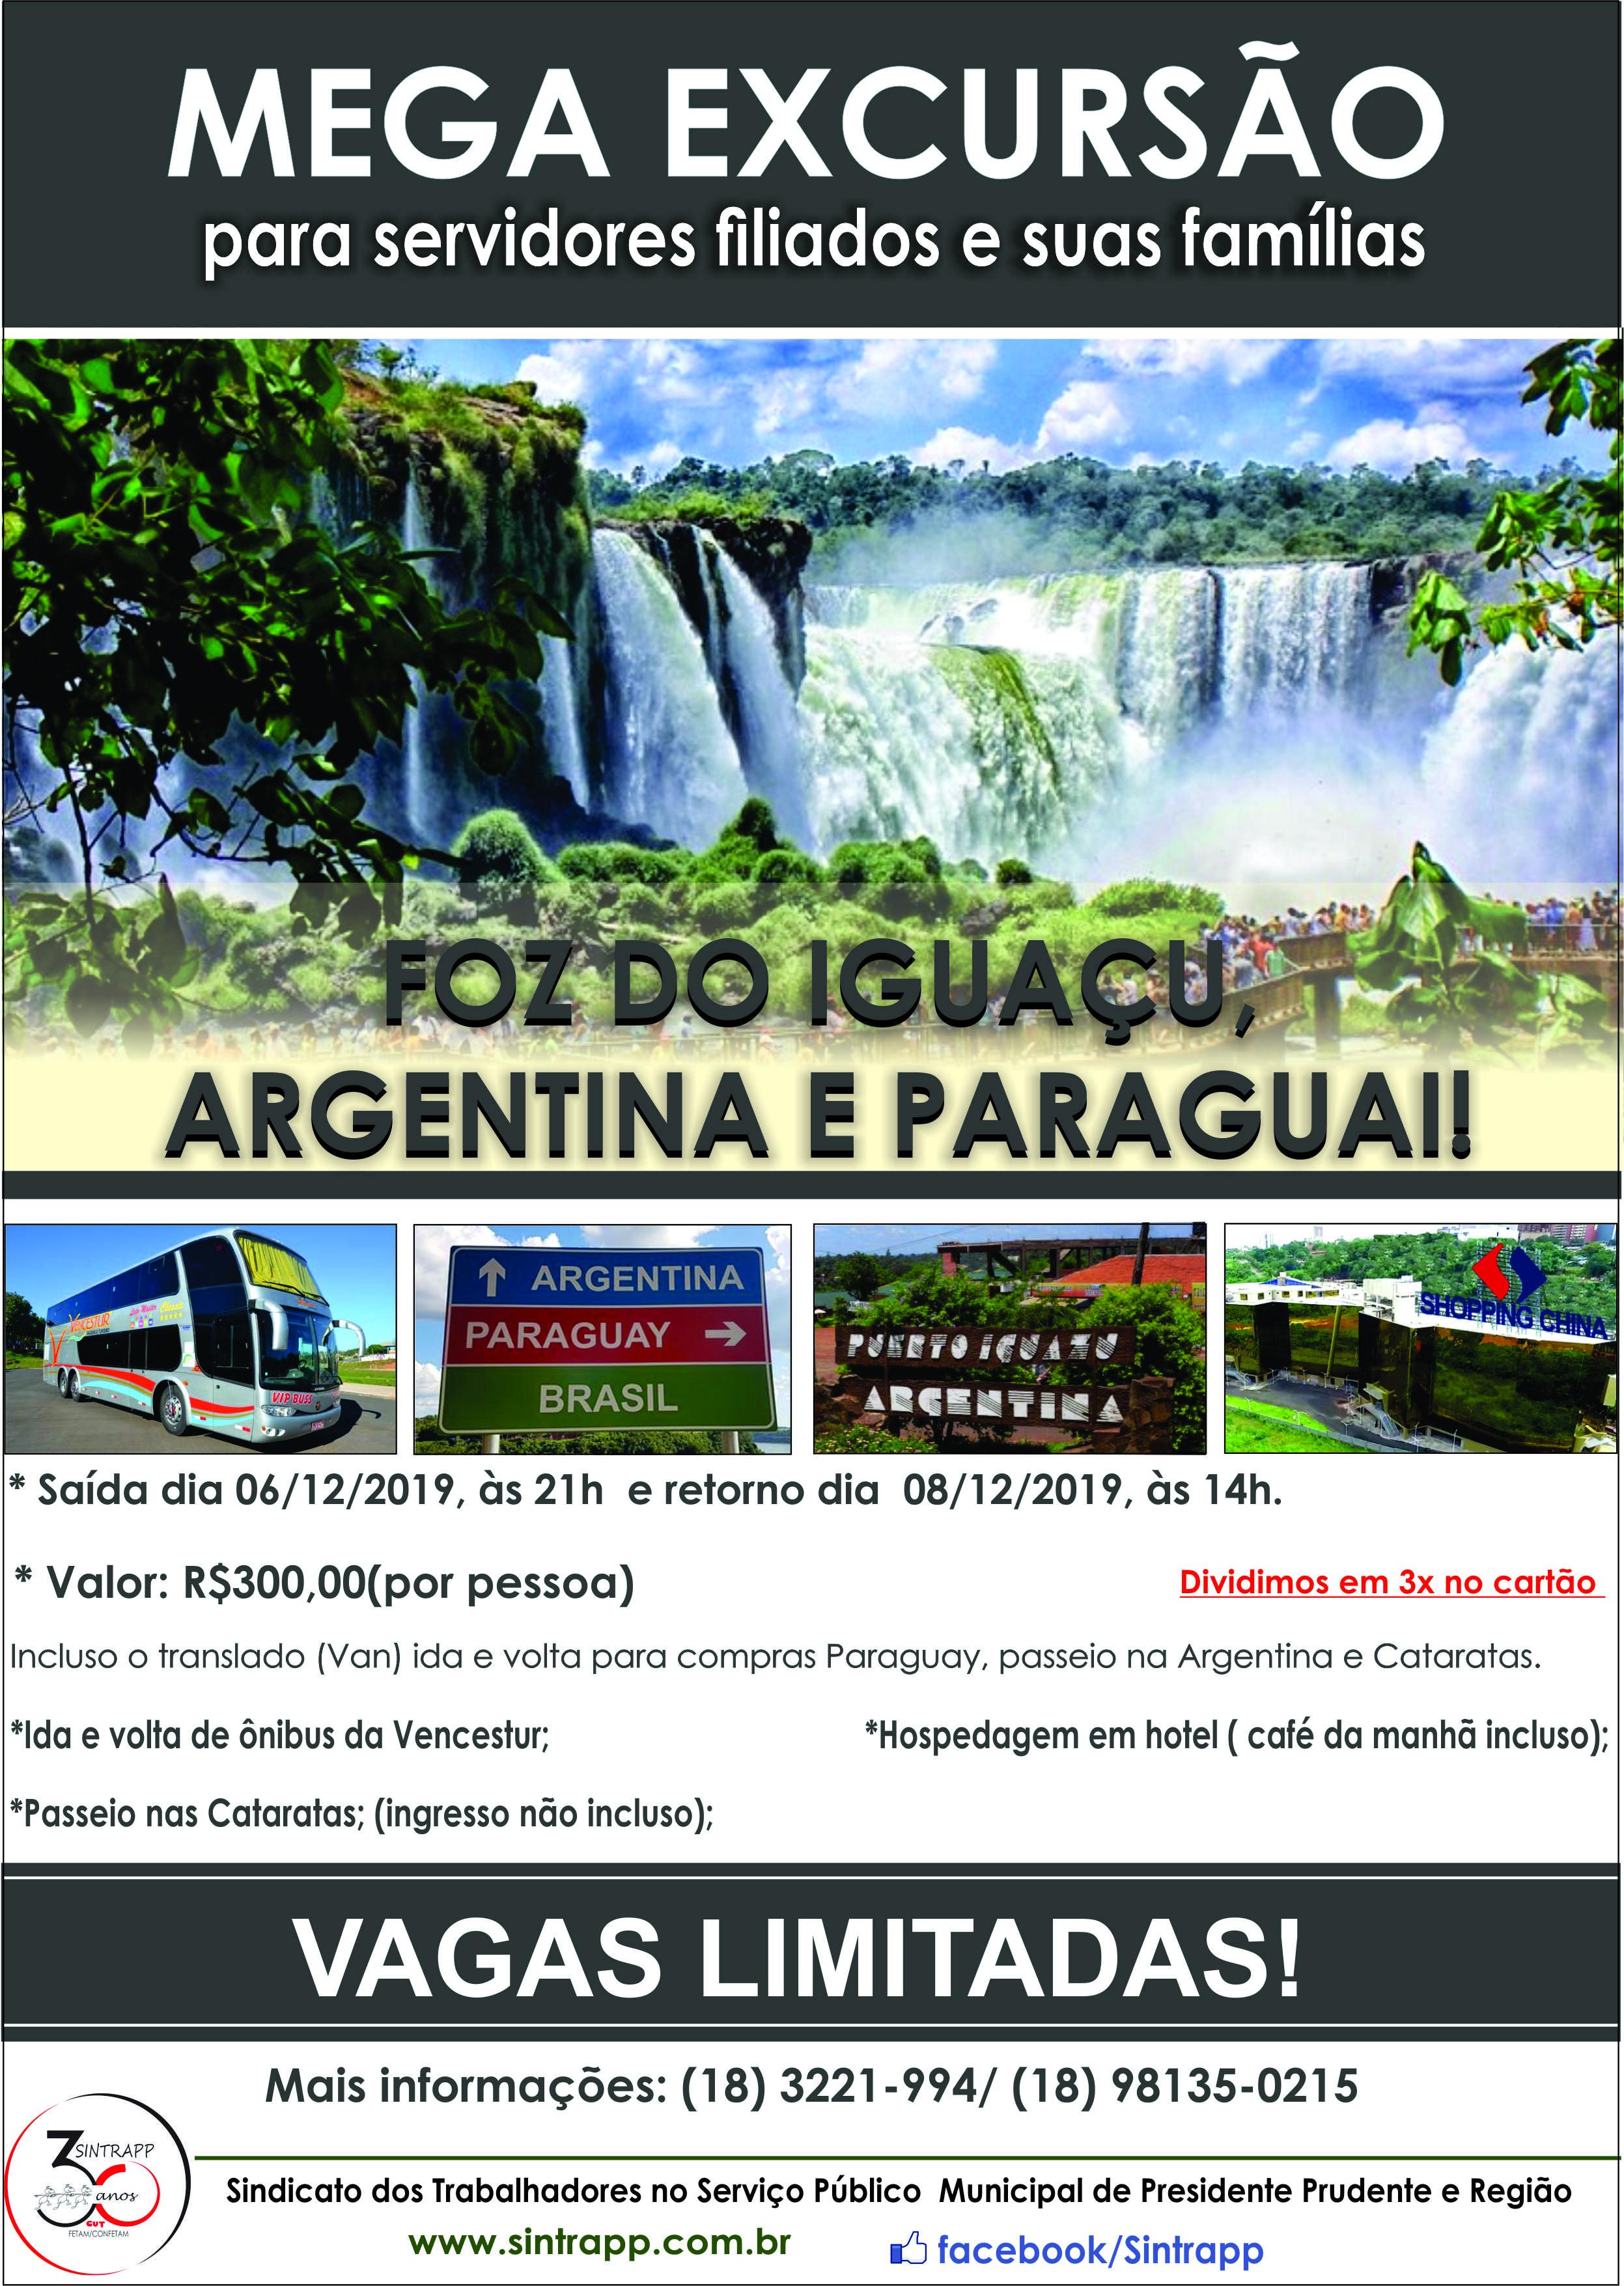 Você pediu e o Sintrapp atendeu! Excursão para Foz do Iguaçu, Argentina e Paraguai está de volta